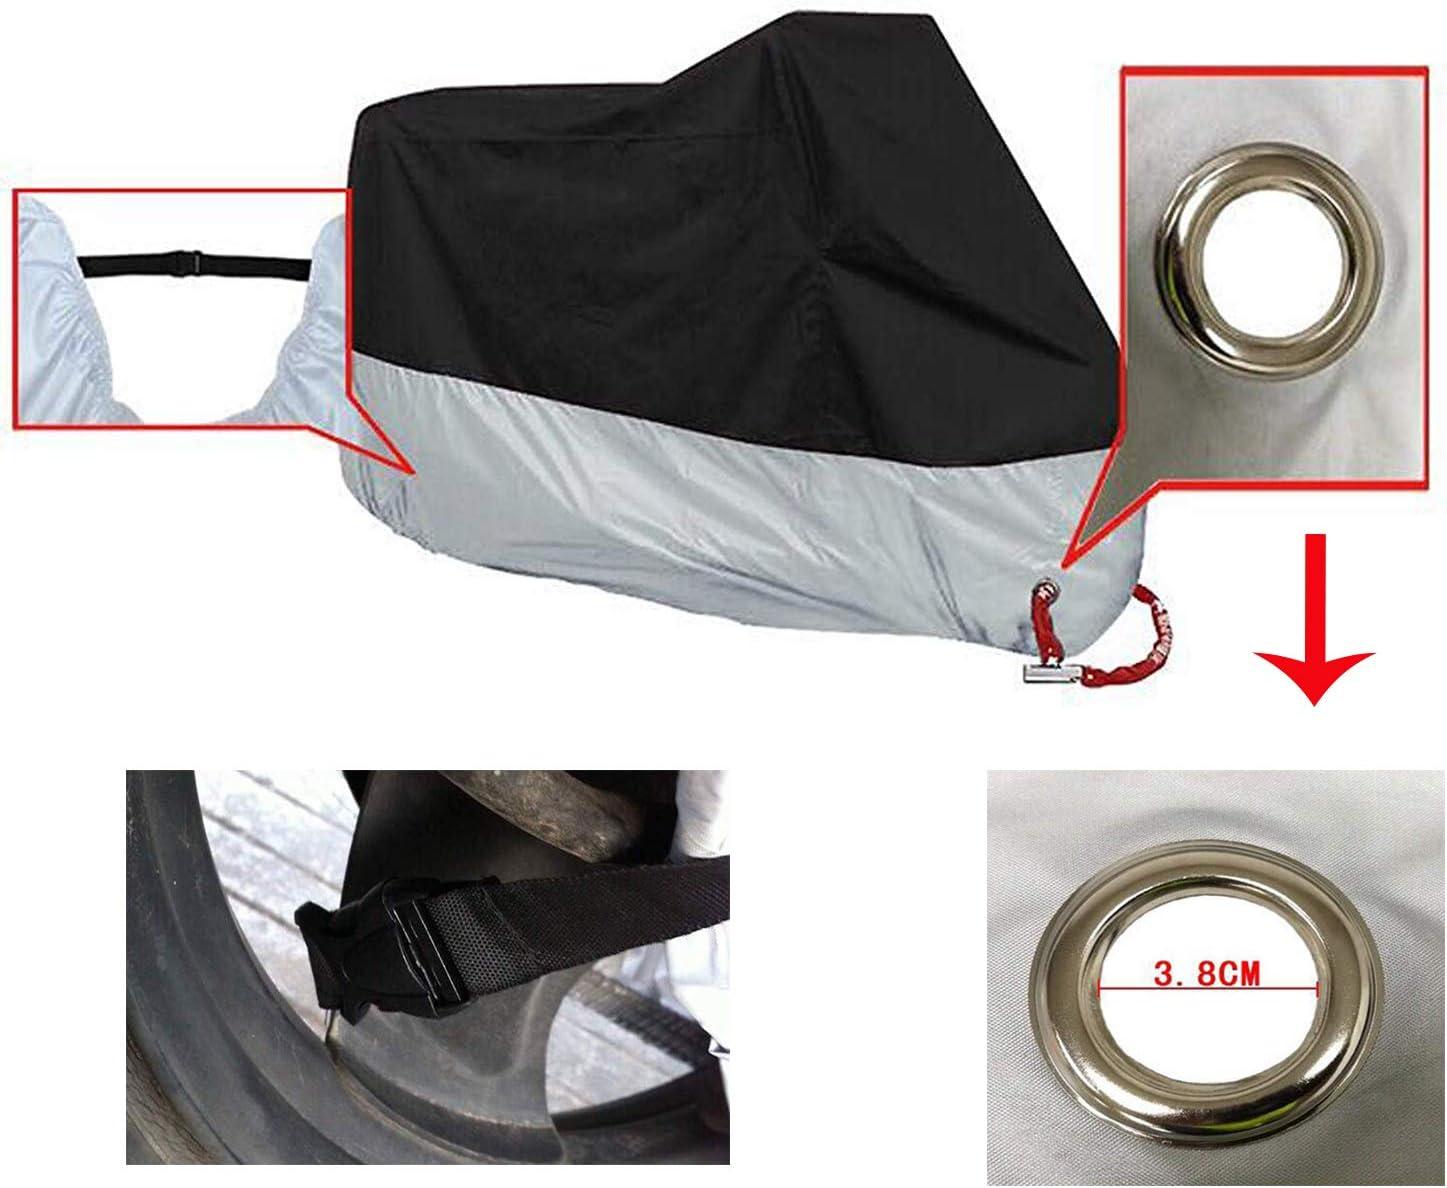 Blue Hose /& Stainless Gold Banjos Pro Braking PBR2751-BLU-GOL Rear Braided Brake Line